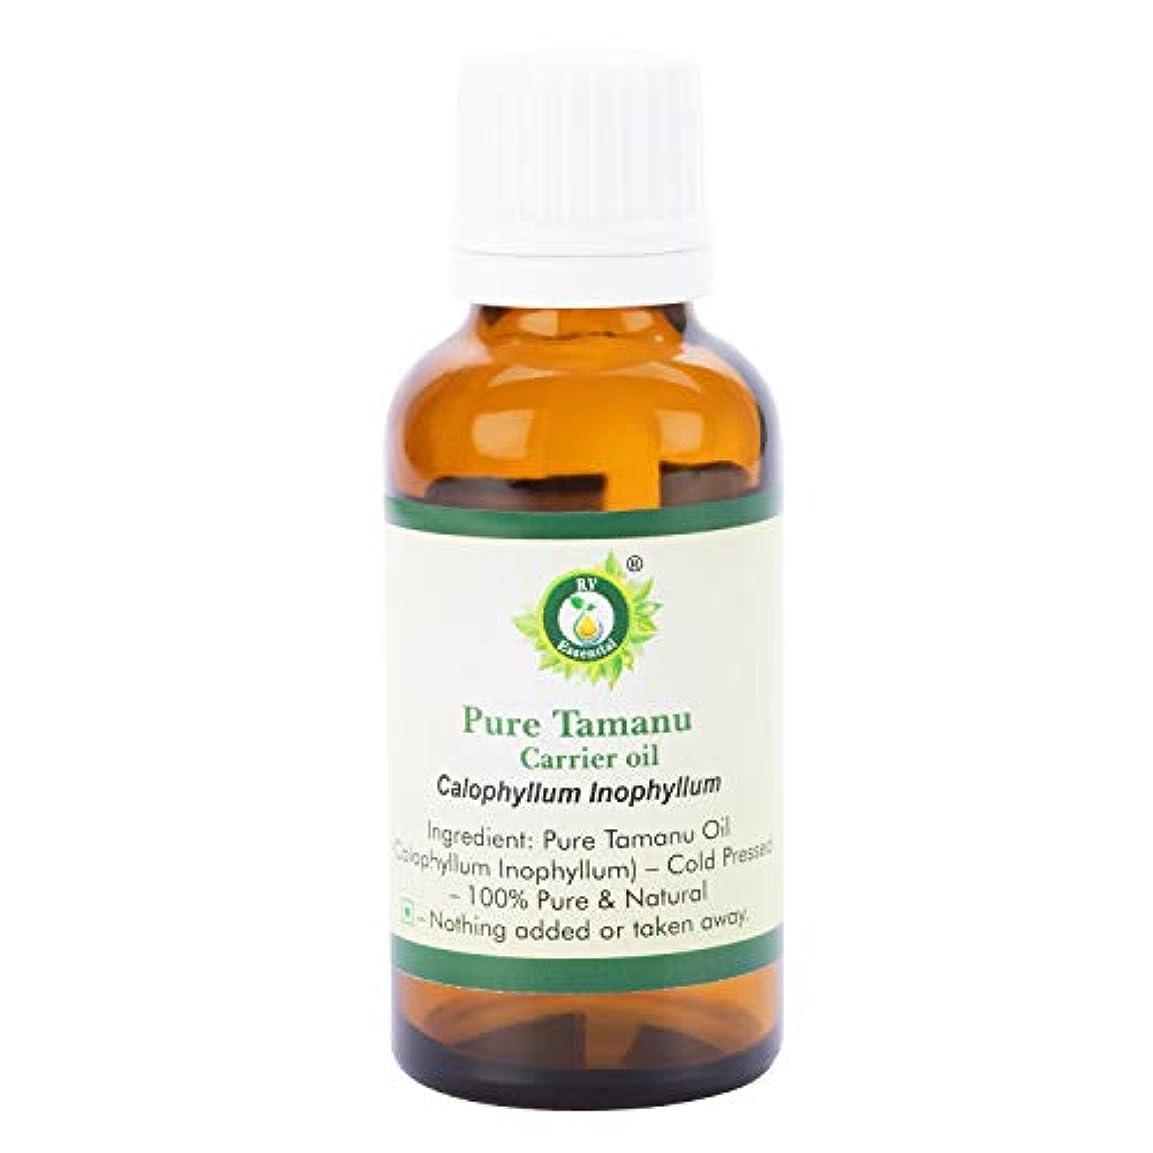 ひどく案件スタジオピュアTamanuキャリアオイル30ml (1.01oz)- Calophyllum Inophyllum (100%ピュア&ナチュラルコールドPressed) Pure Tamanu Carrier Oil